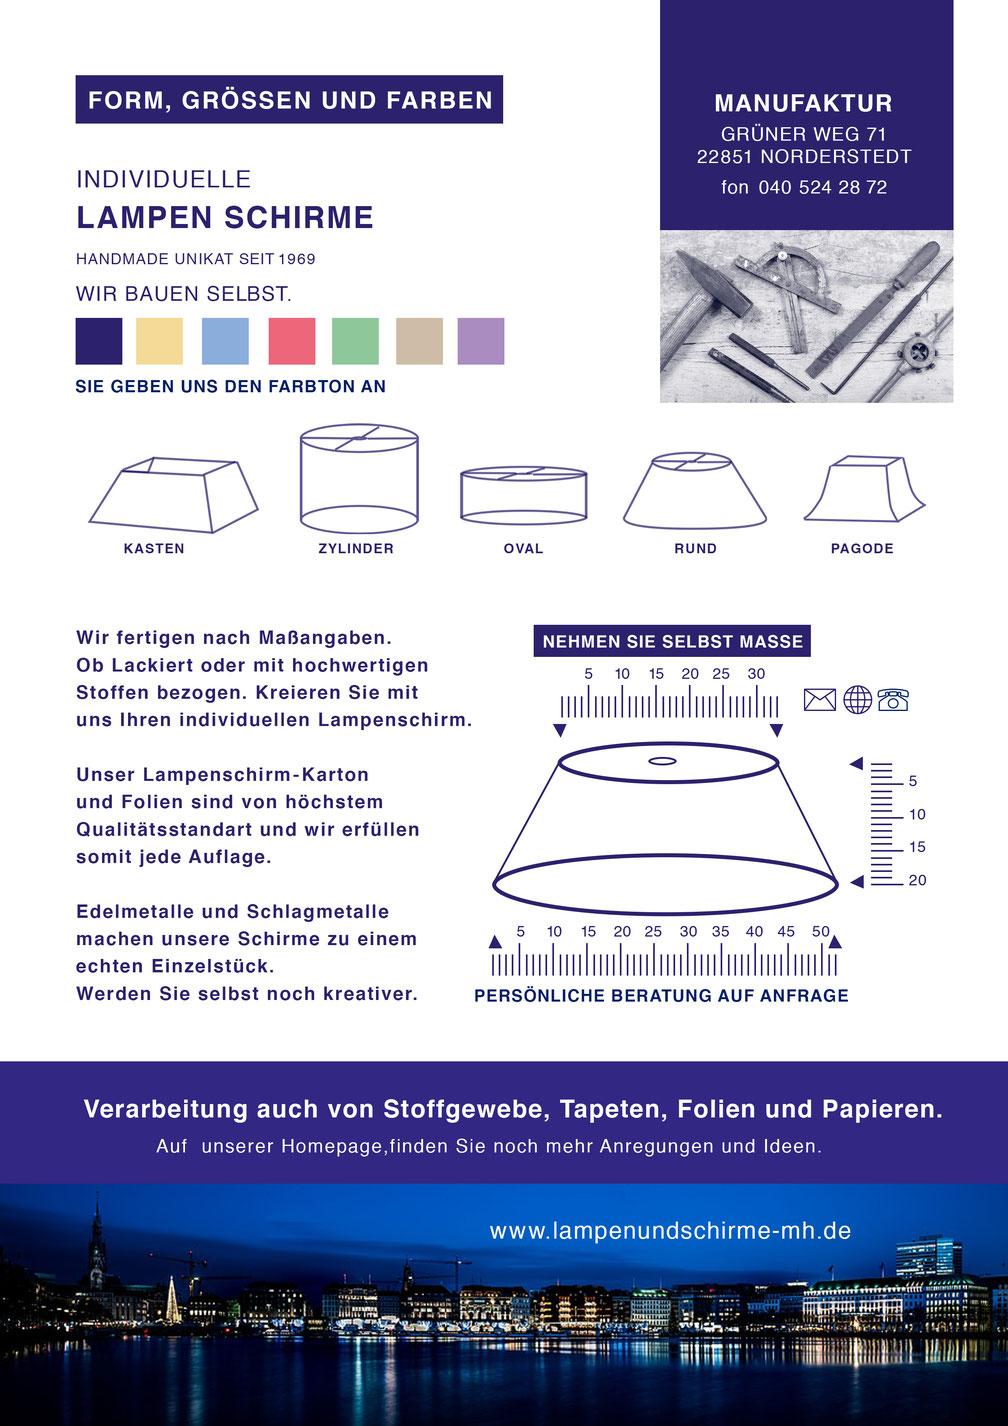 www.lampenundschirme-mh.de